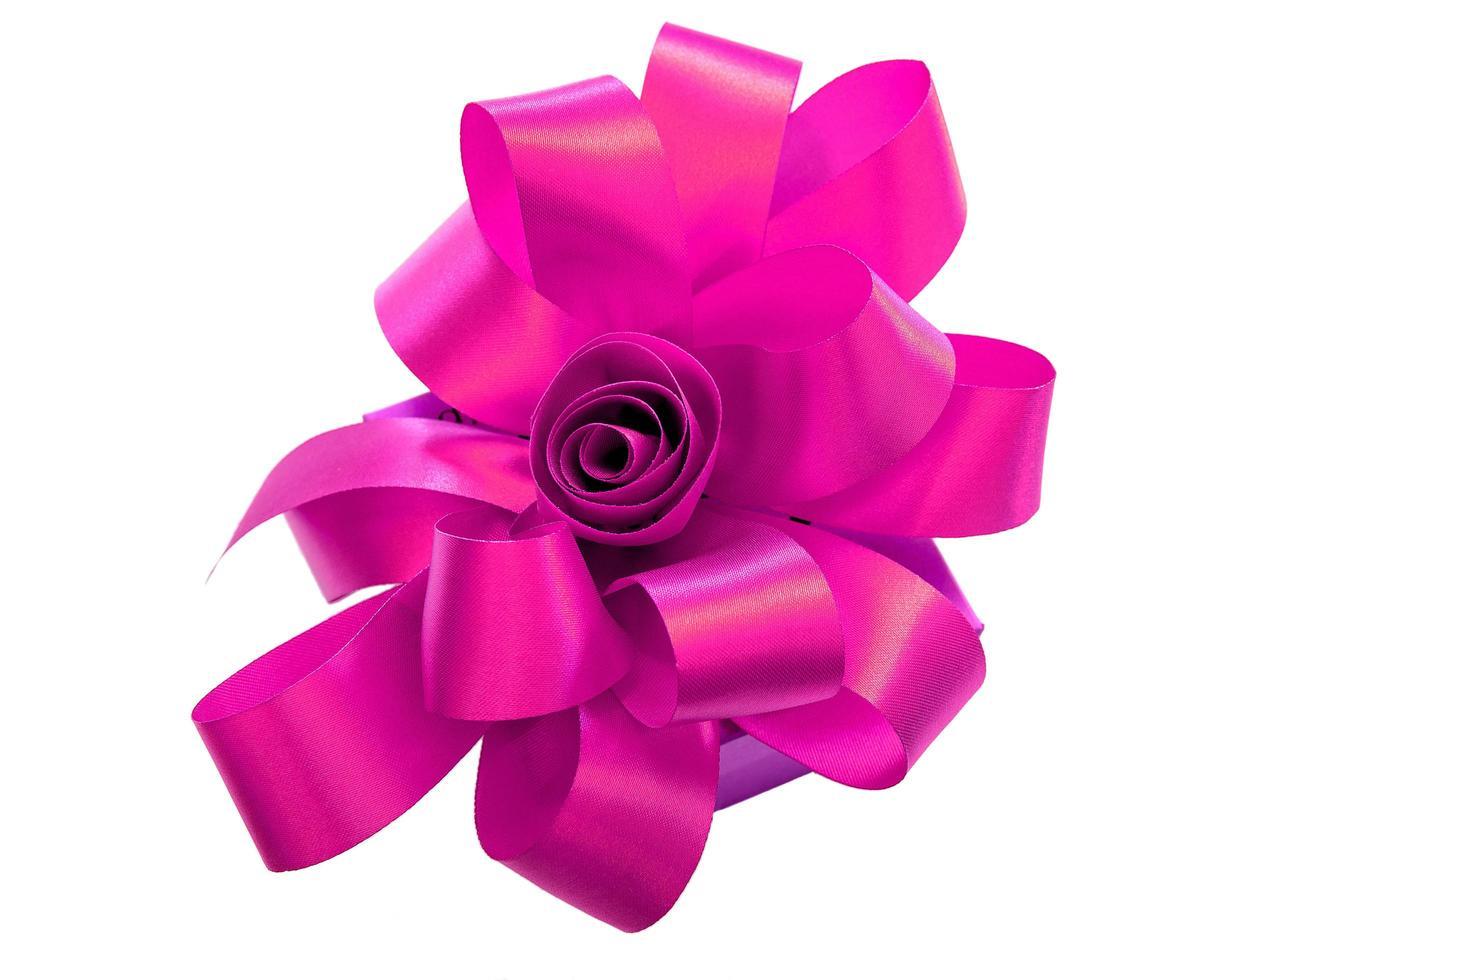 confezione regalo legata con un nastro rosa isolato su sfondo bianco foto